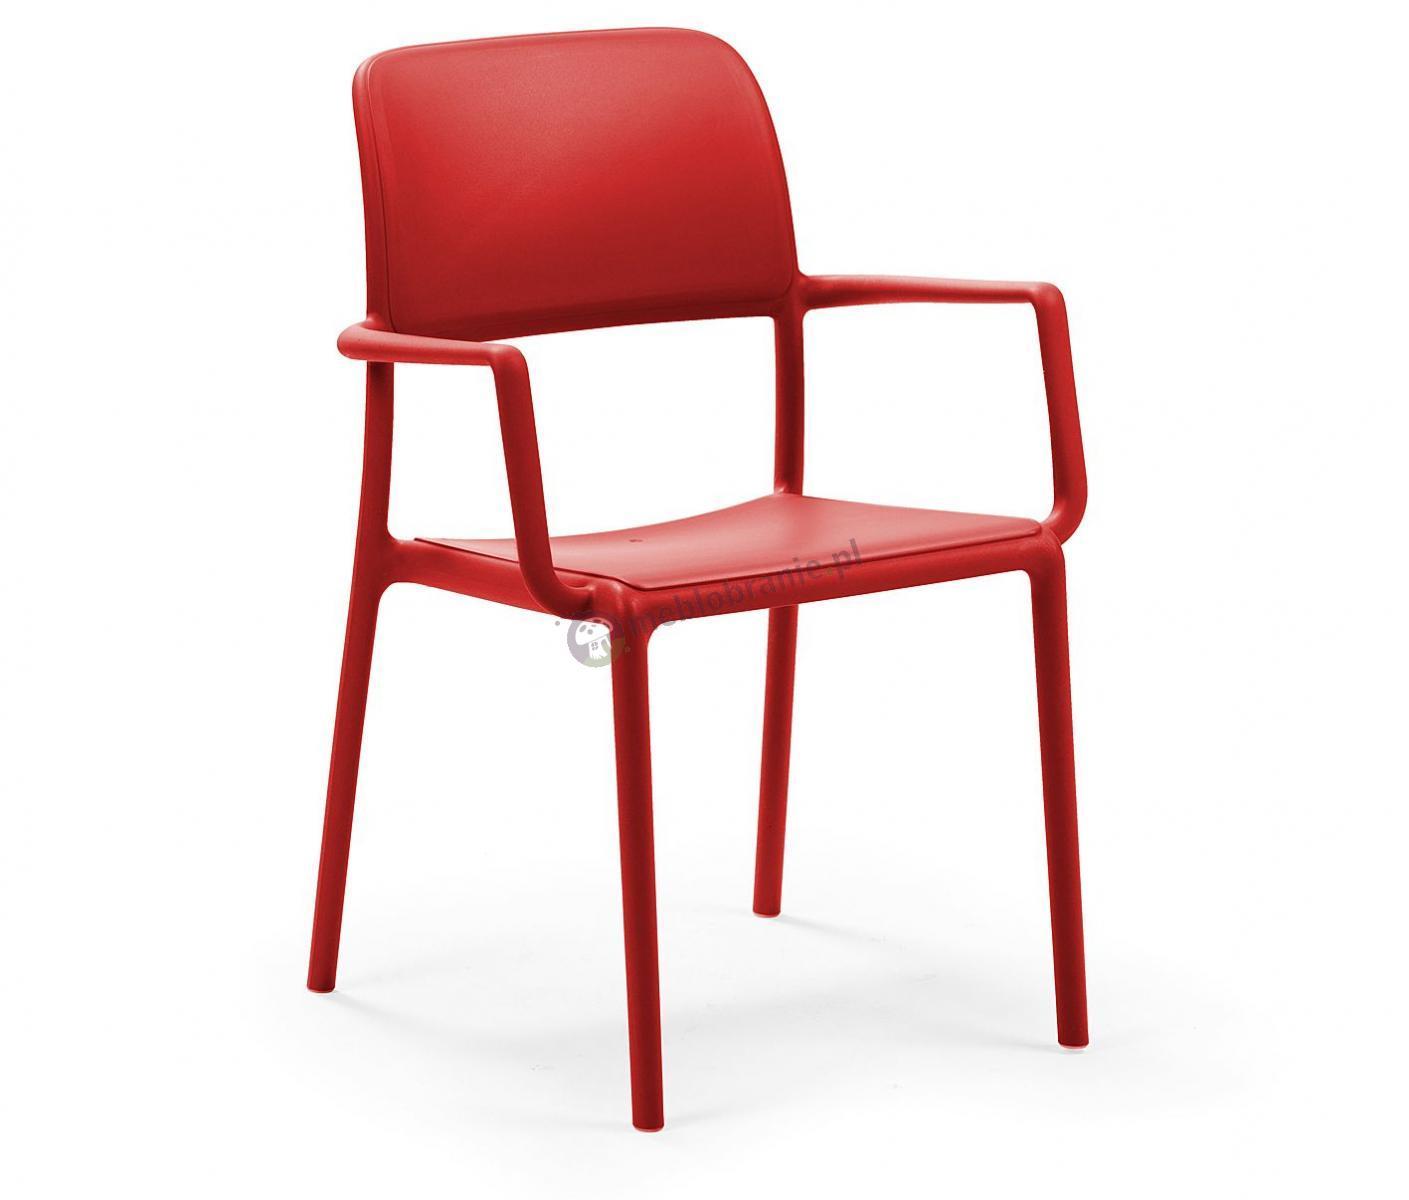 Nardi Riva krzesło balkonowe plastikowe Rosso